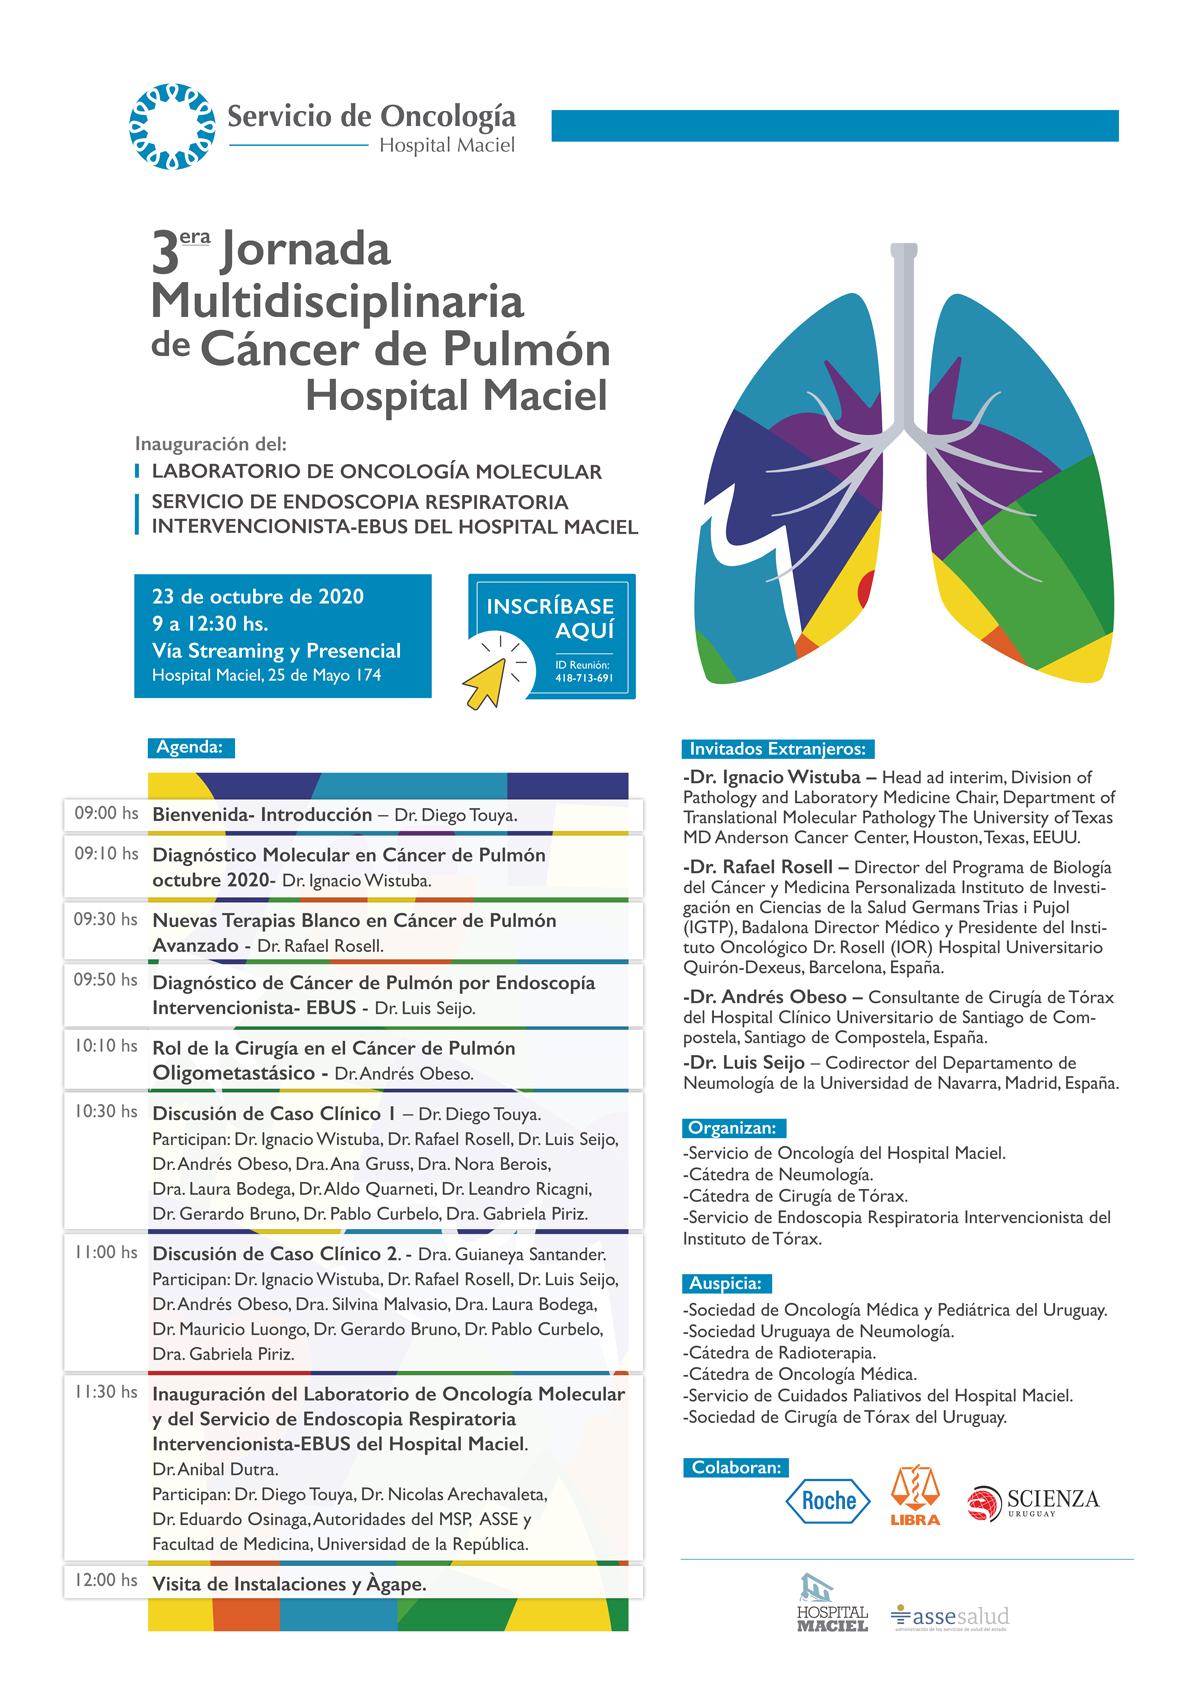 3ra Jornada Multidisciplinaria de Cáncer de pulmón, Hospital Maciel